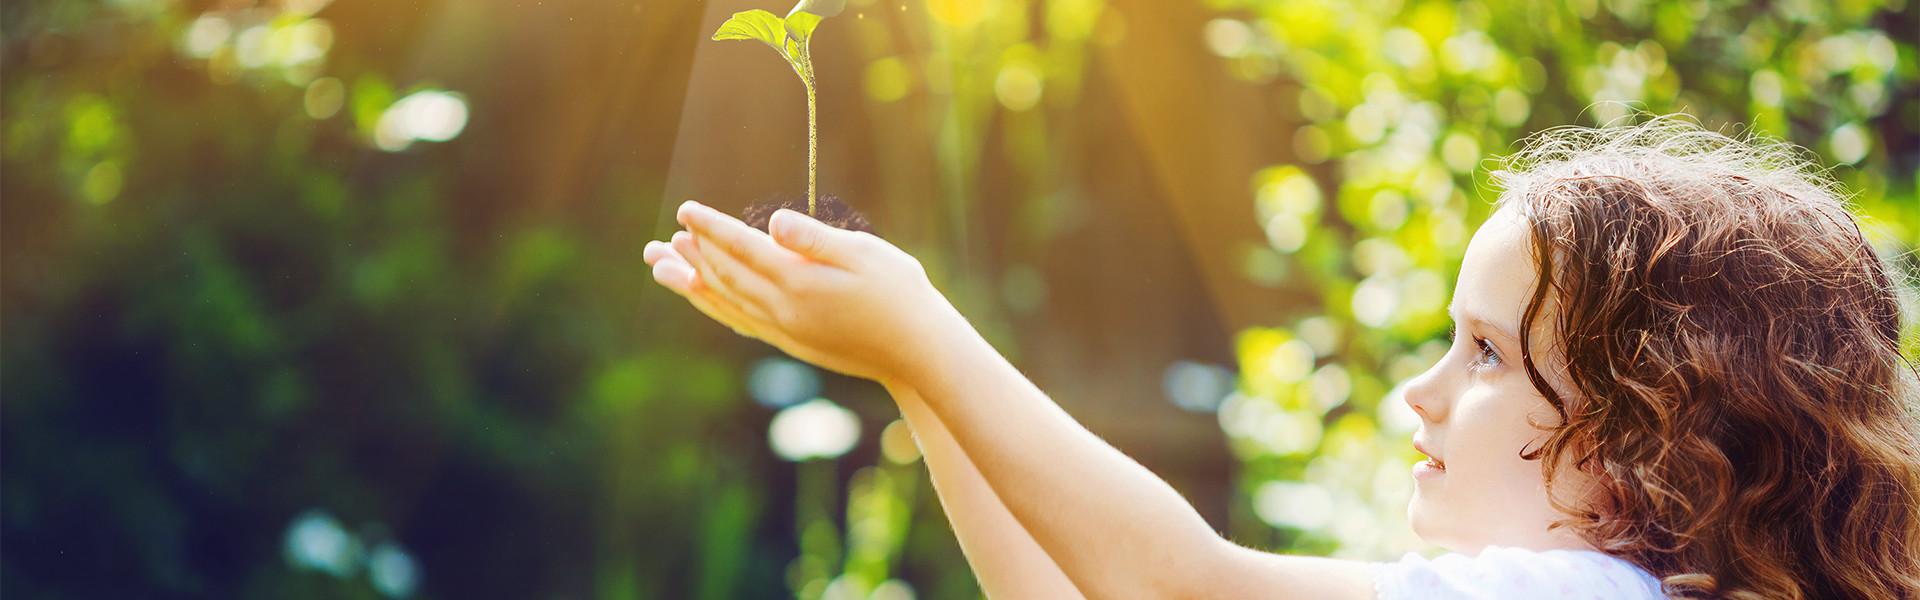 ילדה מחזיקה צמח בחברת תרגום יוניברסל